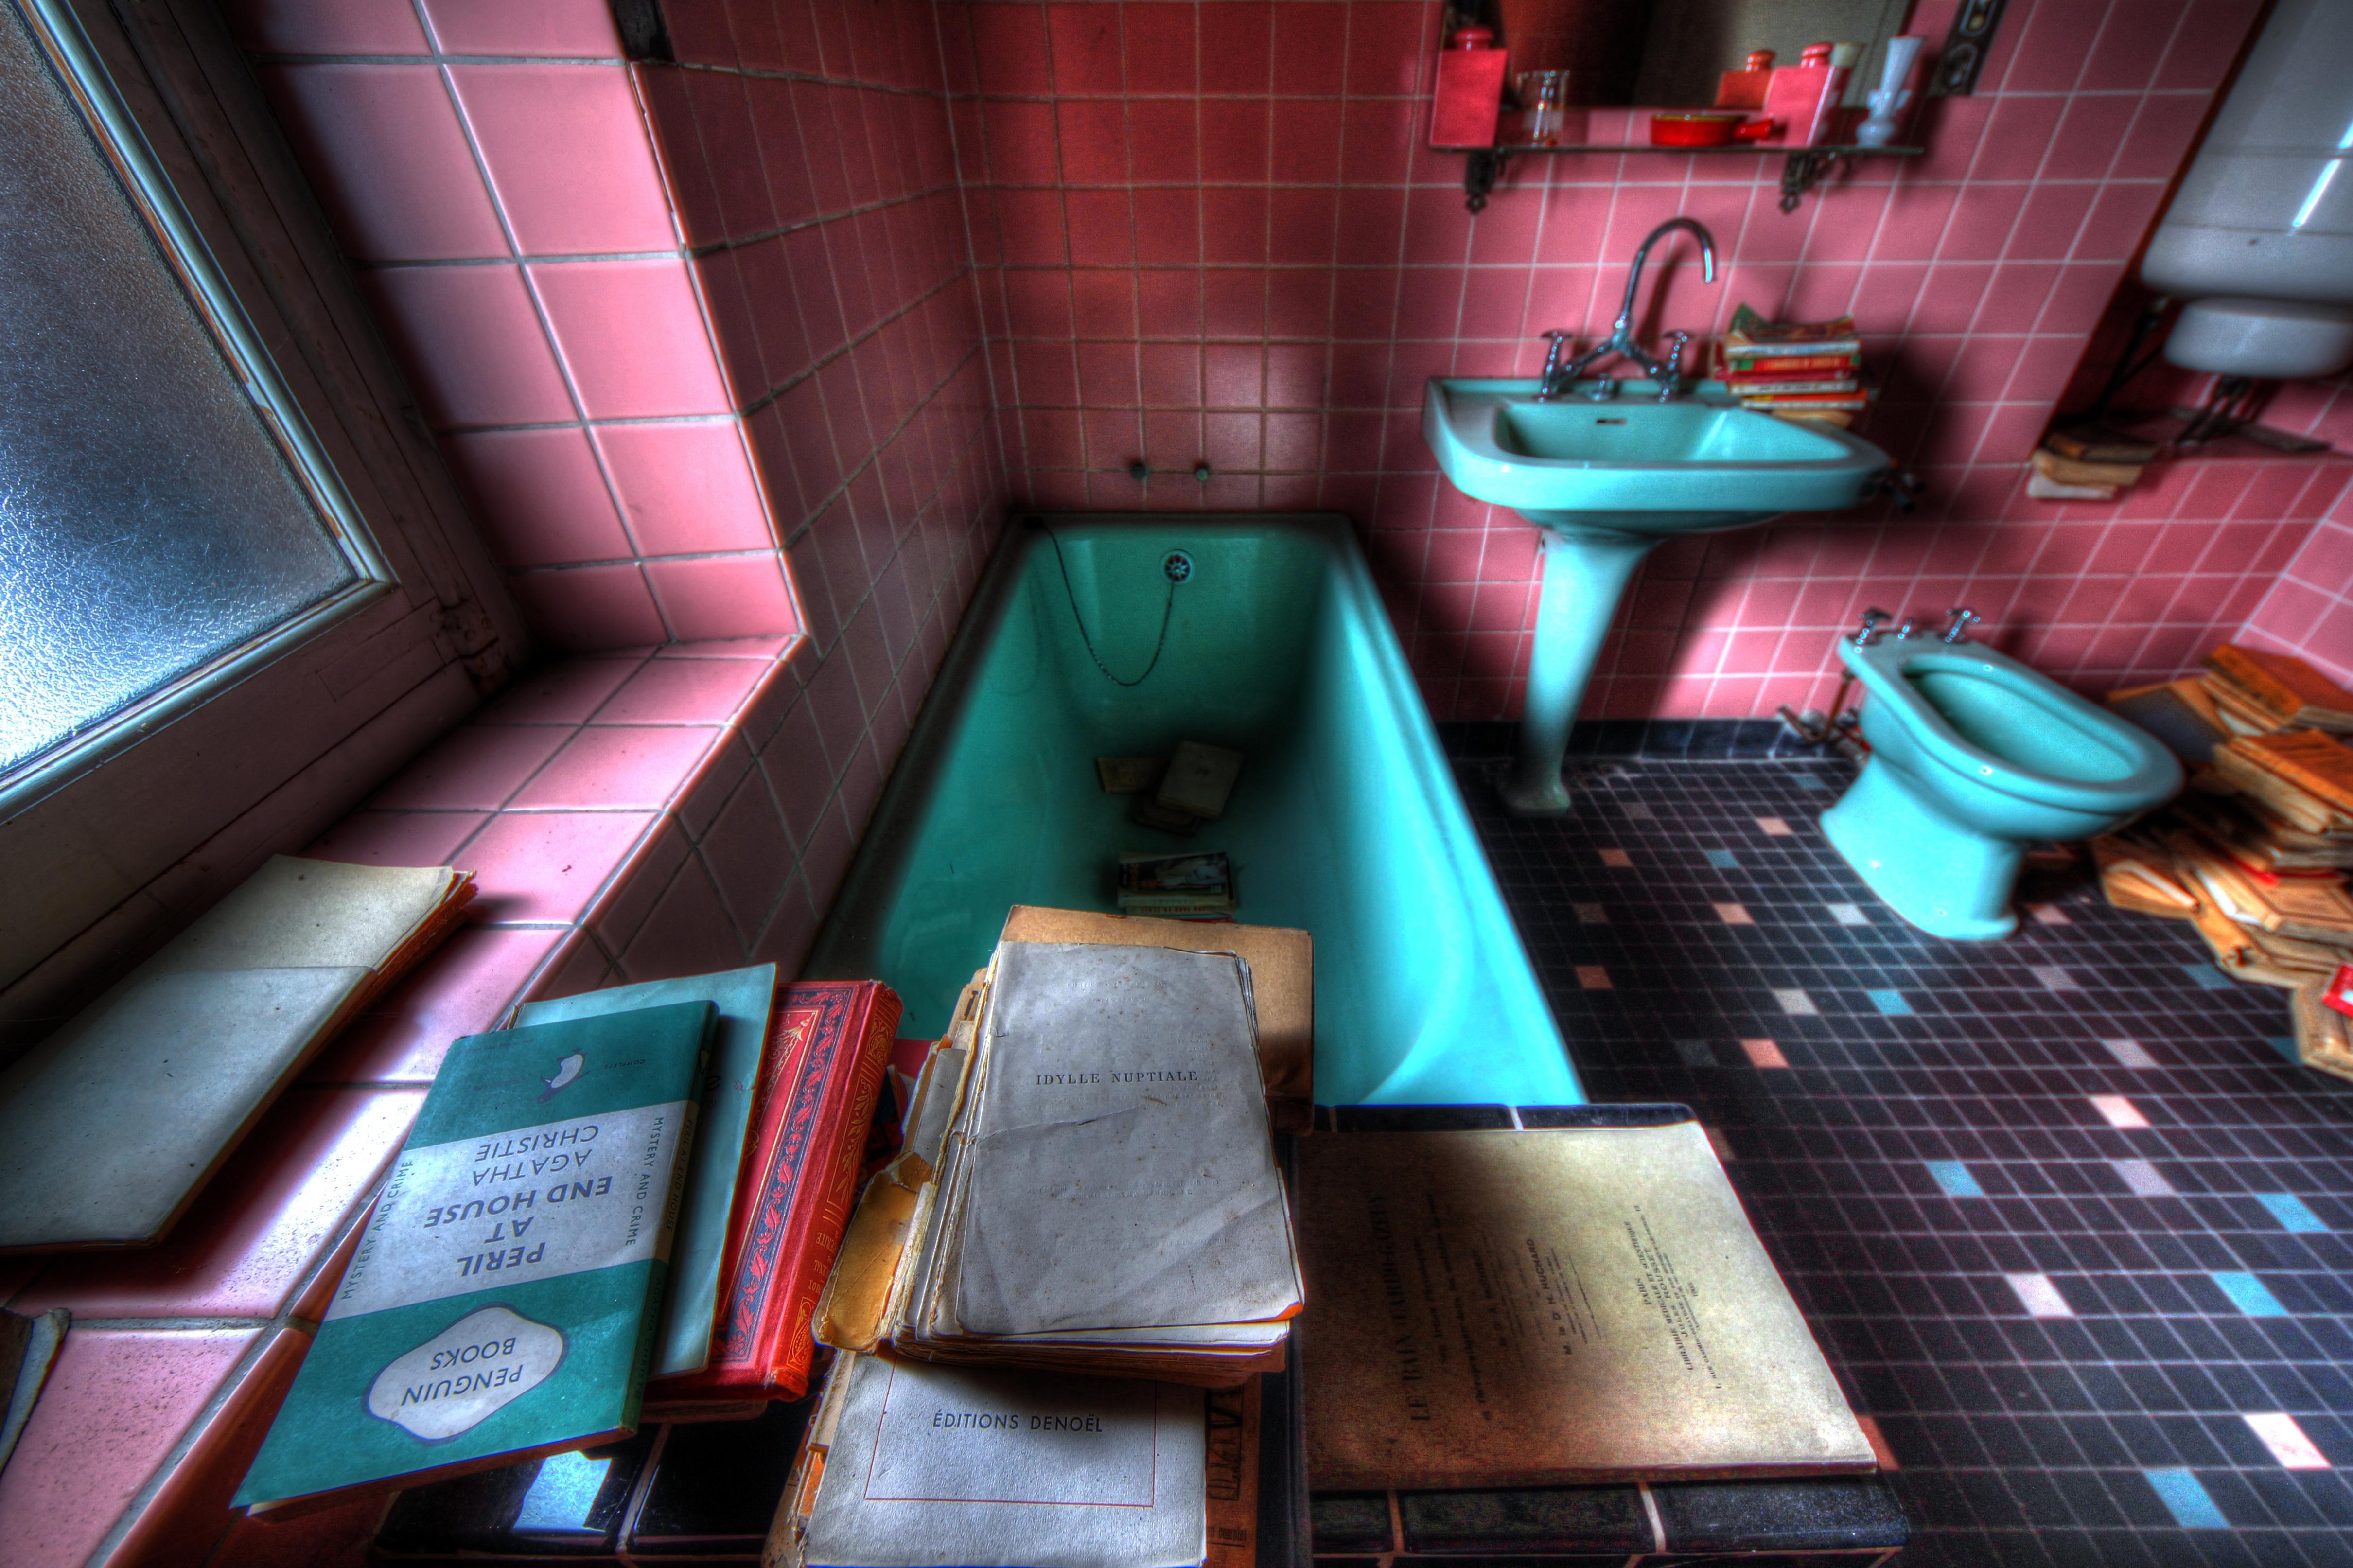 Vasca Da Bagno Francia : Sfondi saledebains baignoir vasca da bagno livres libri